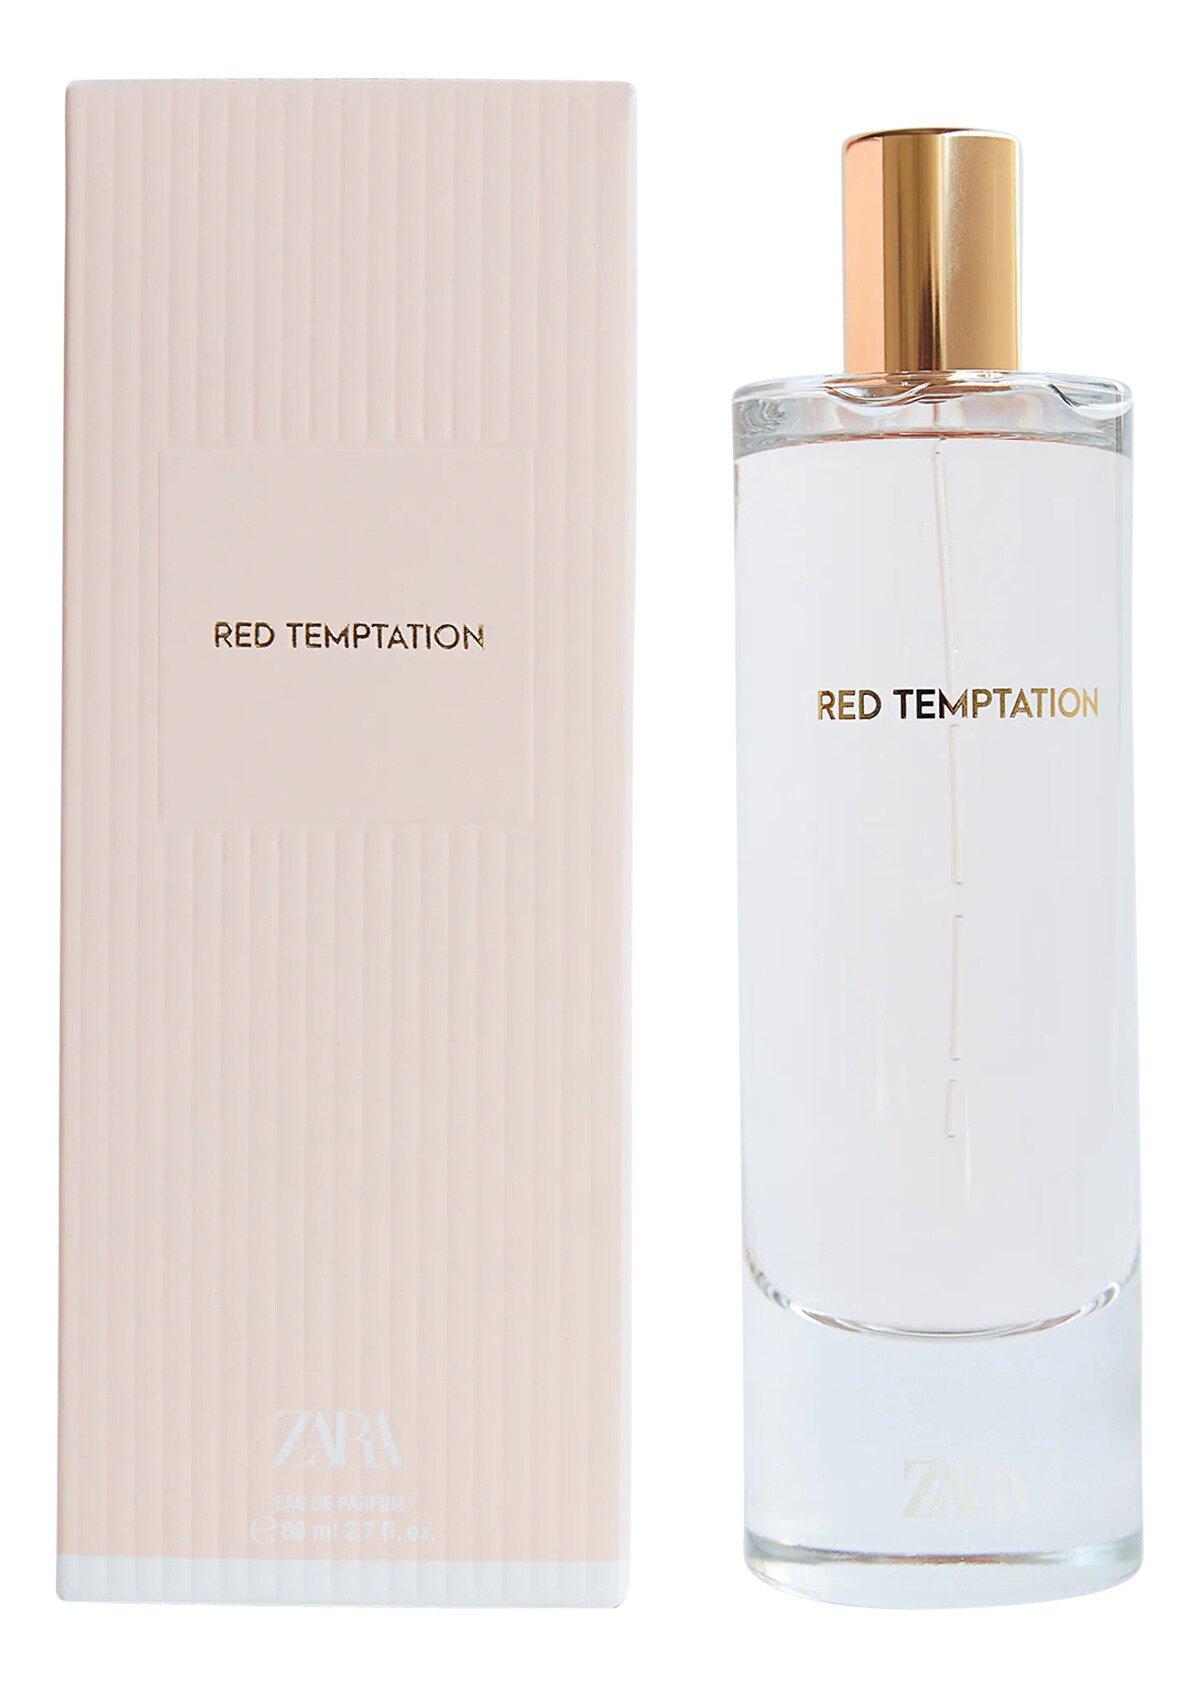 Red Temptation Women von Zara » Meinungen & Duftbeschreibung